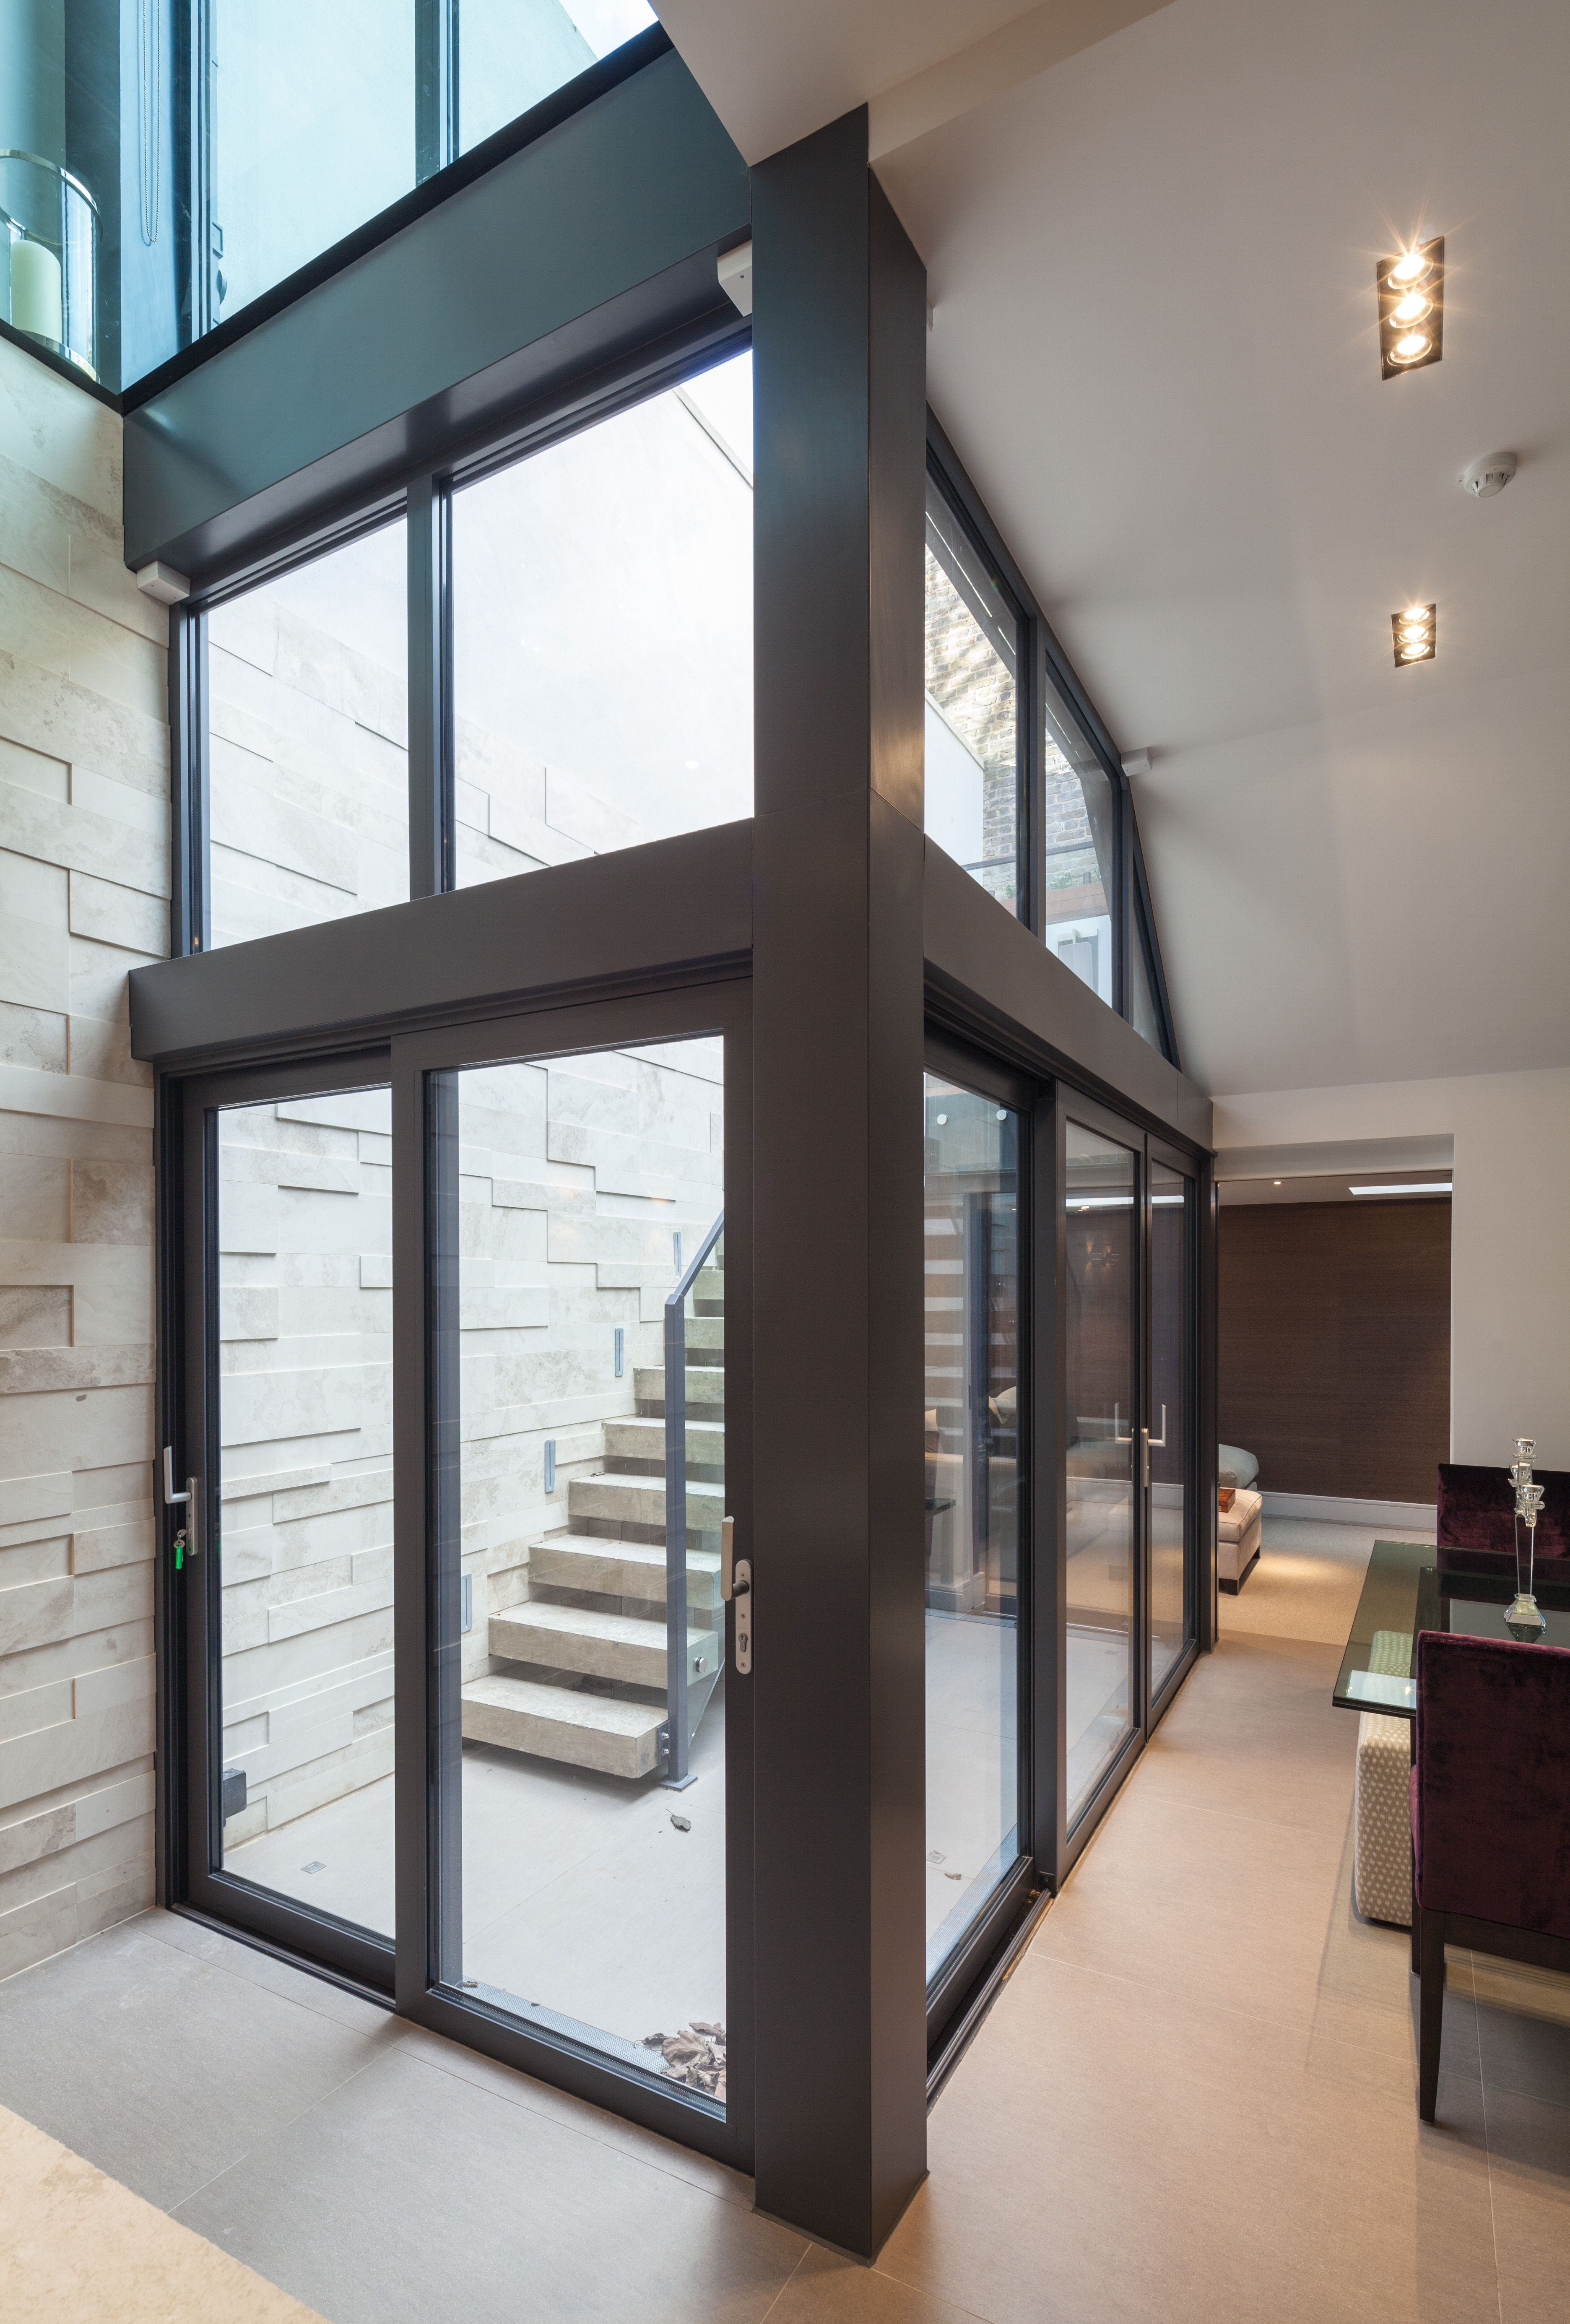 Spiegelschacht Keller how to design a lightwell basement extension search home